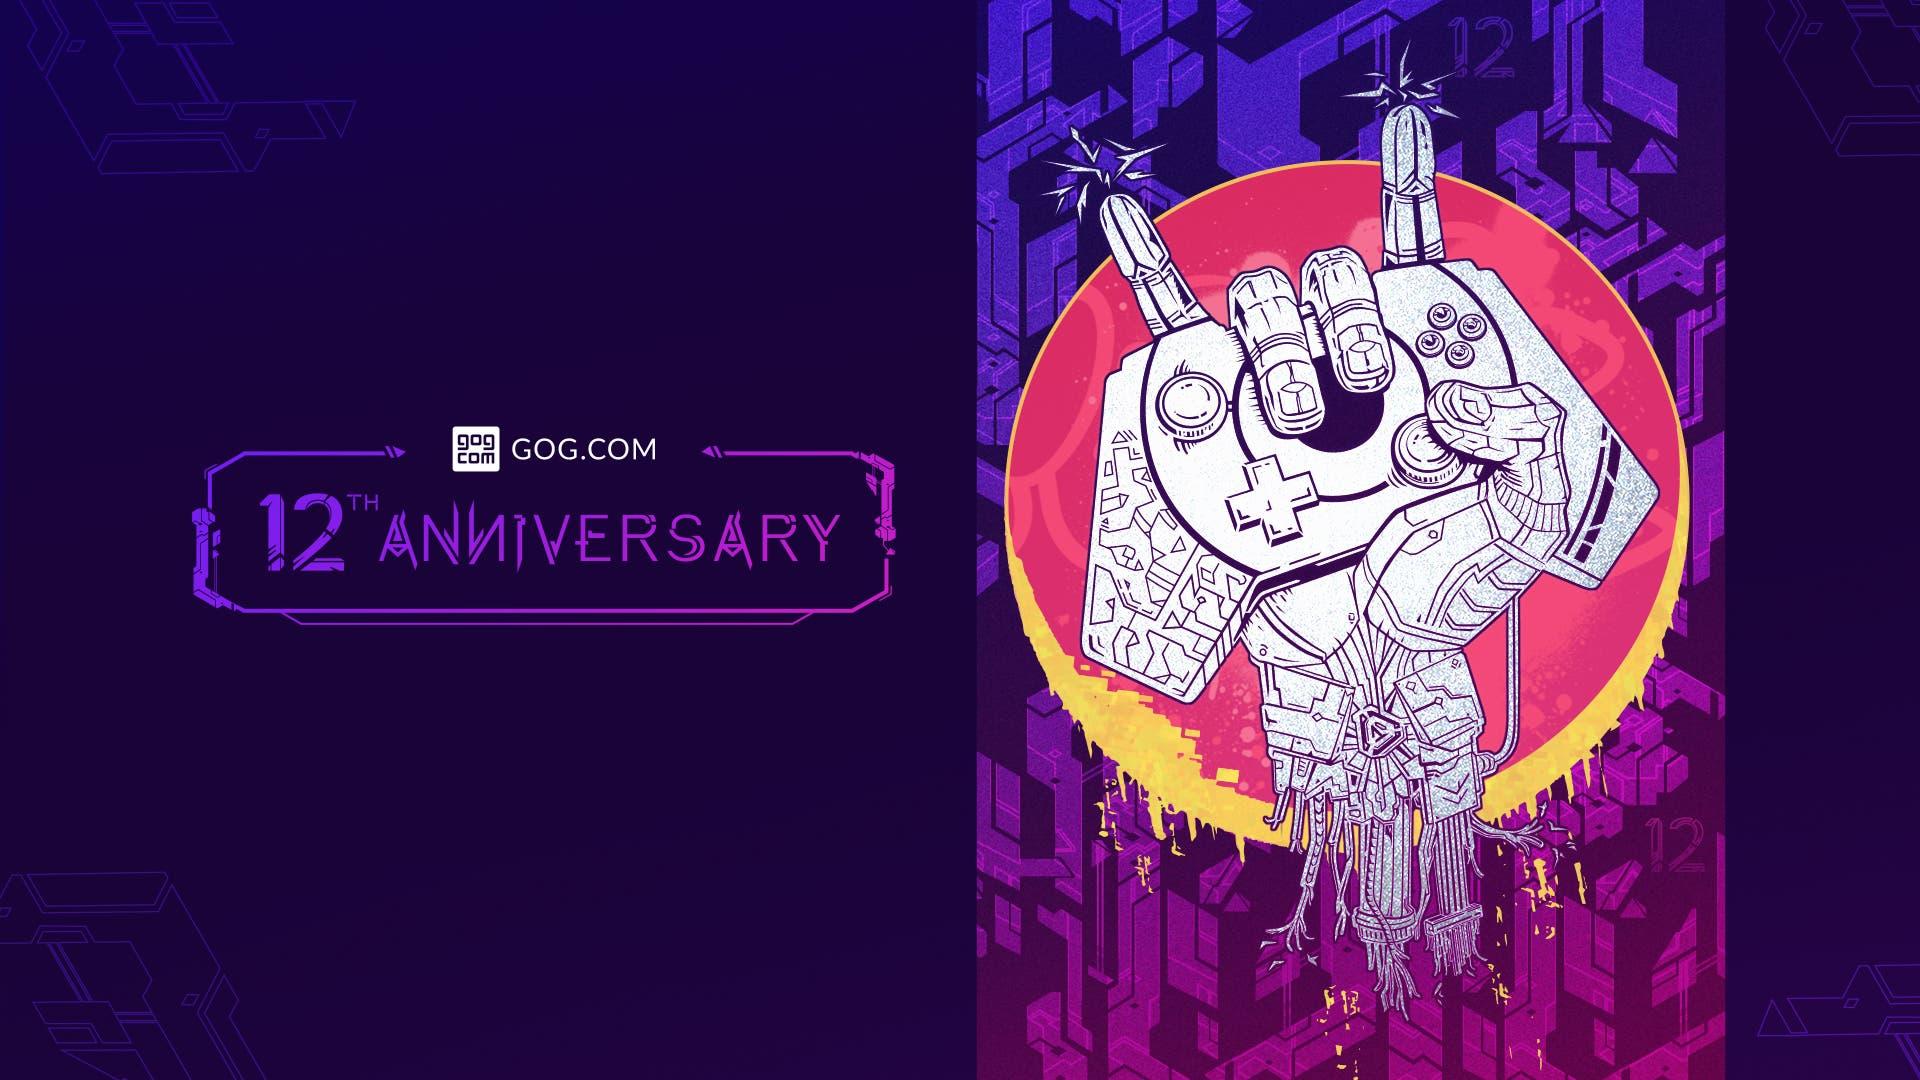 GOG 12 anniversary